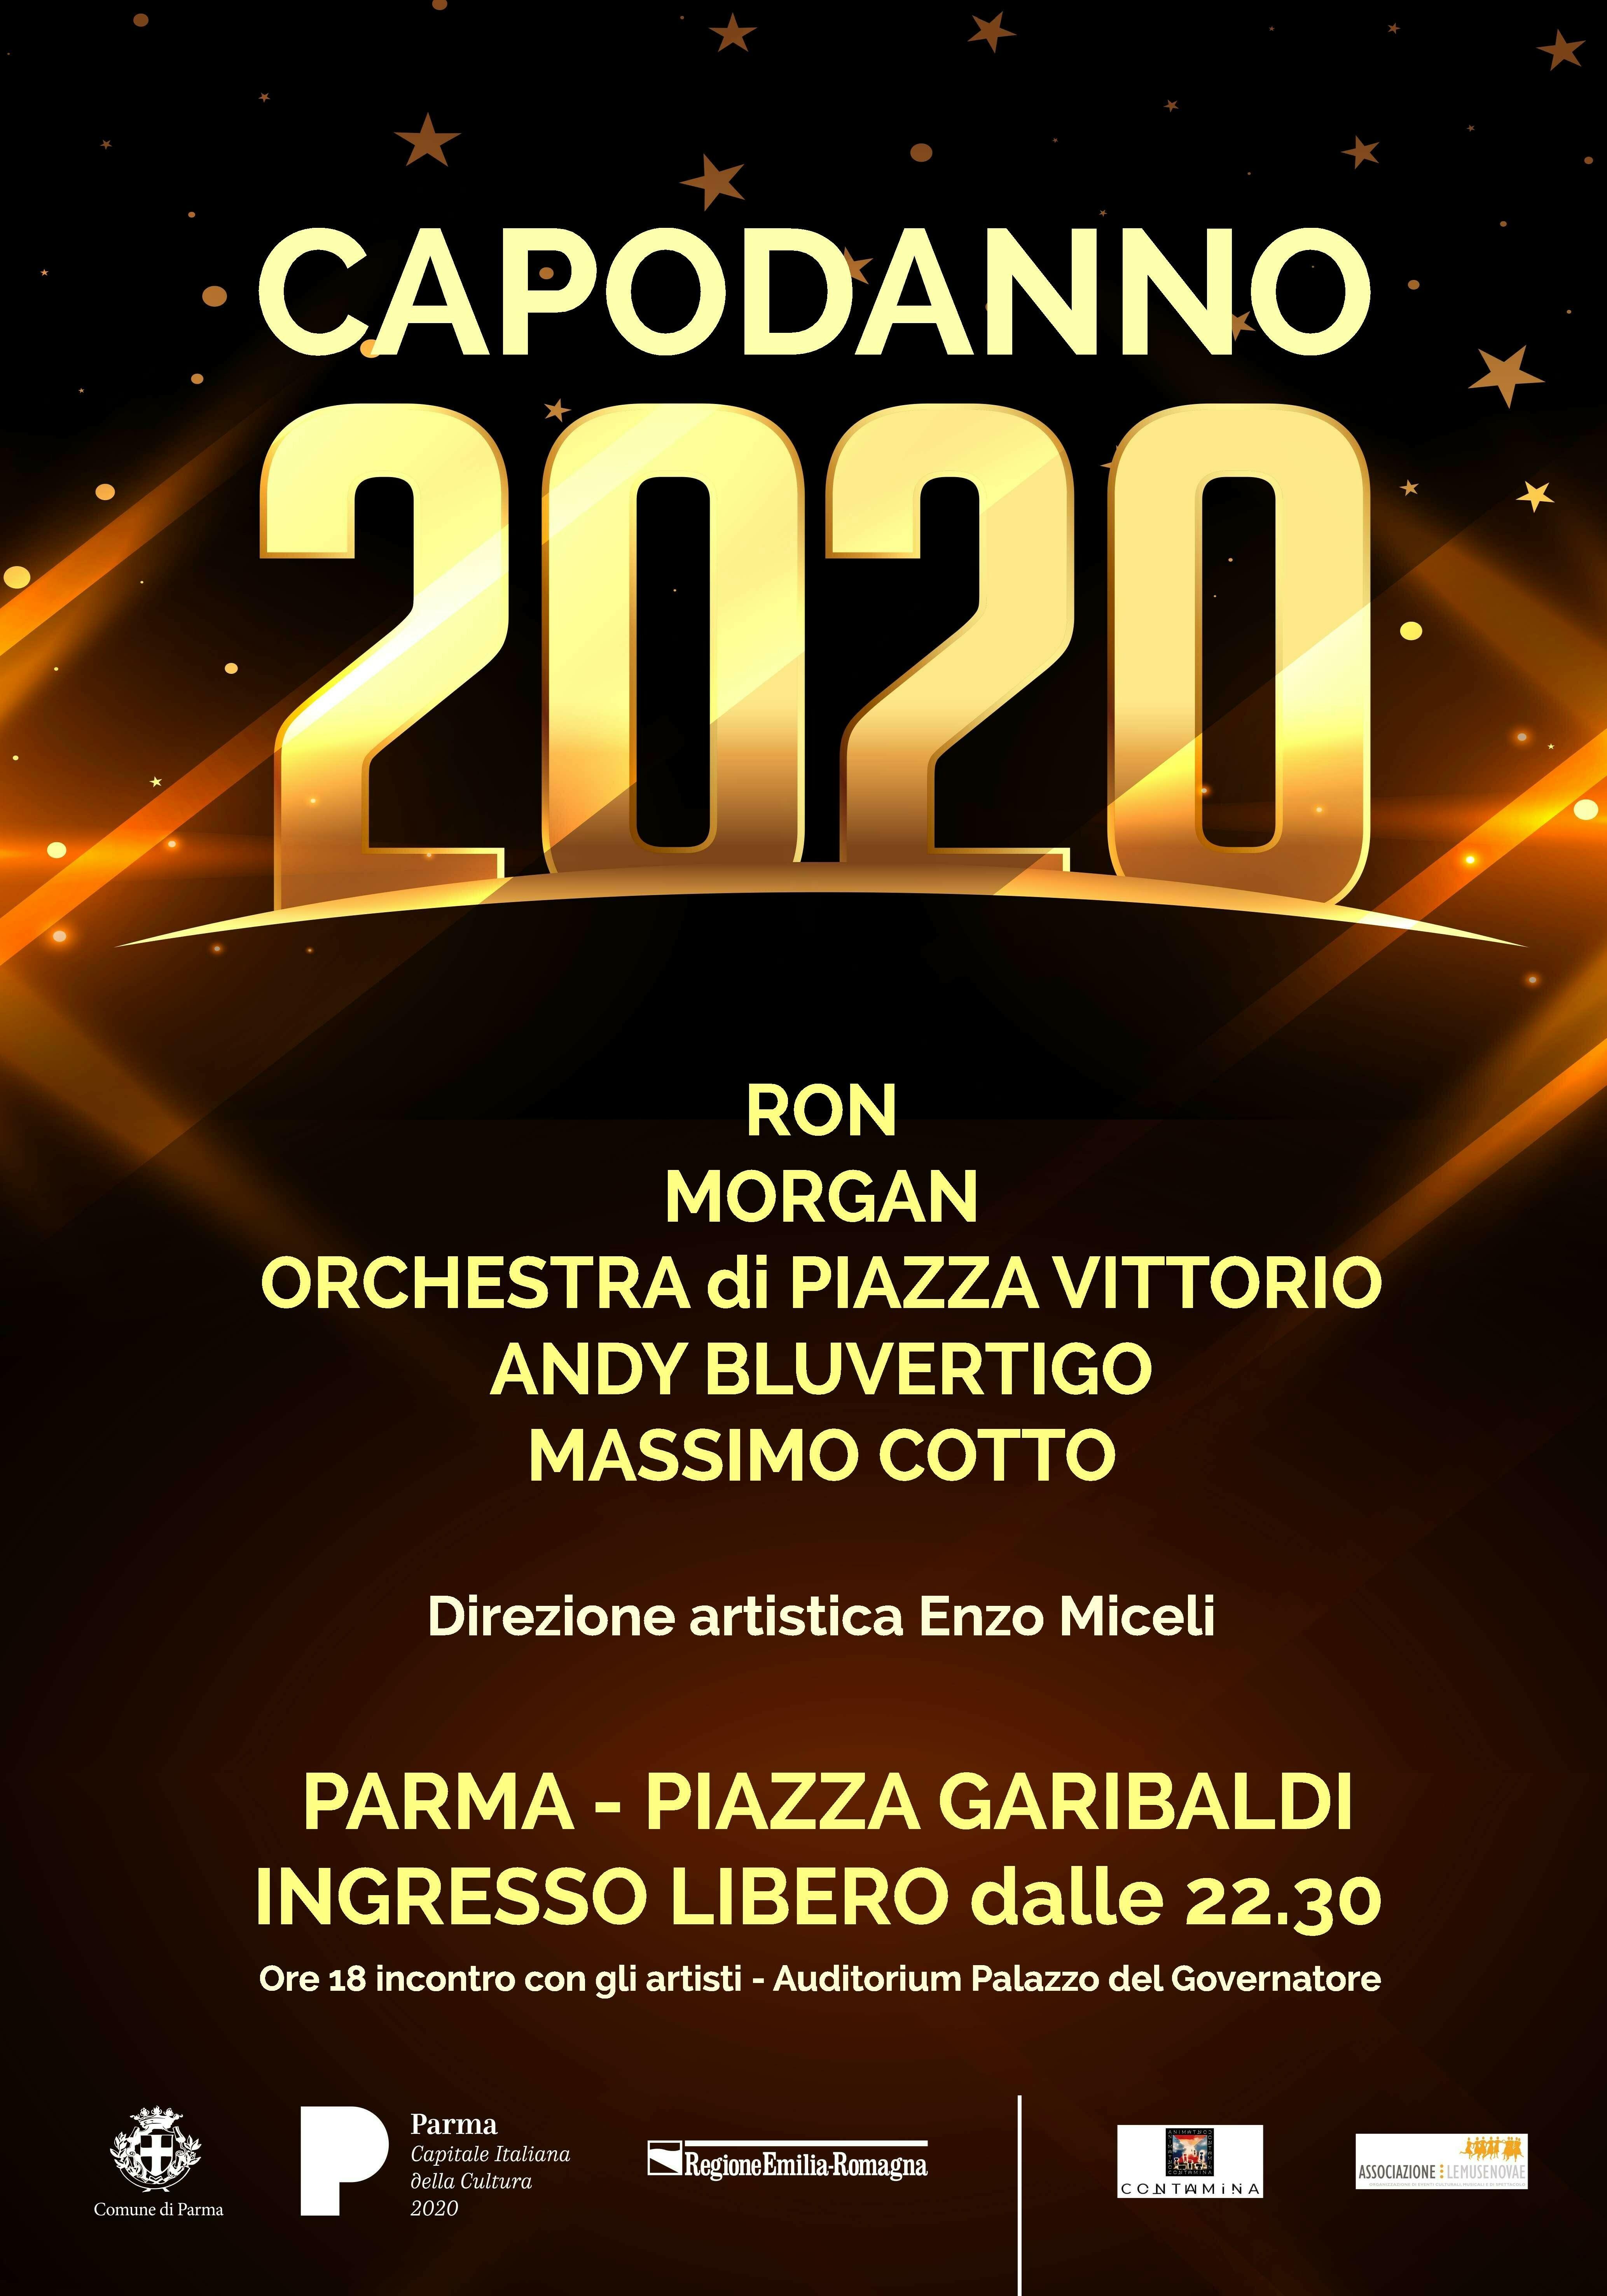 Gli artisti del concerto di Capodanno 2020 incontrano il pubblico nel  Palazzo del Governatore